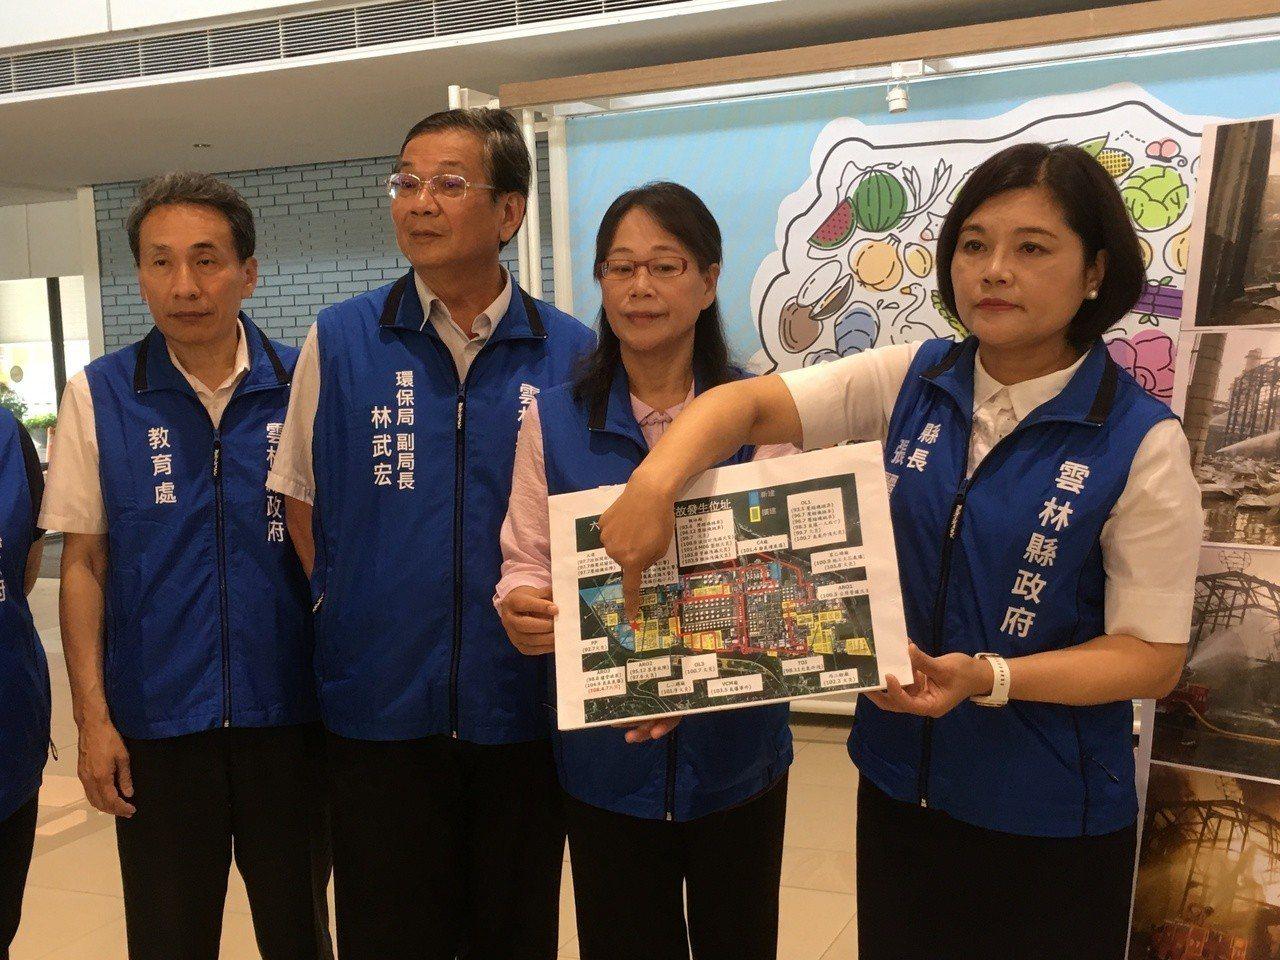 雲林縣長張麗善(右一)今天表示,針對六輕工安事故非常憤怒與難過。記者陳雅玲/攝影